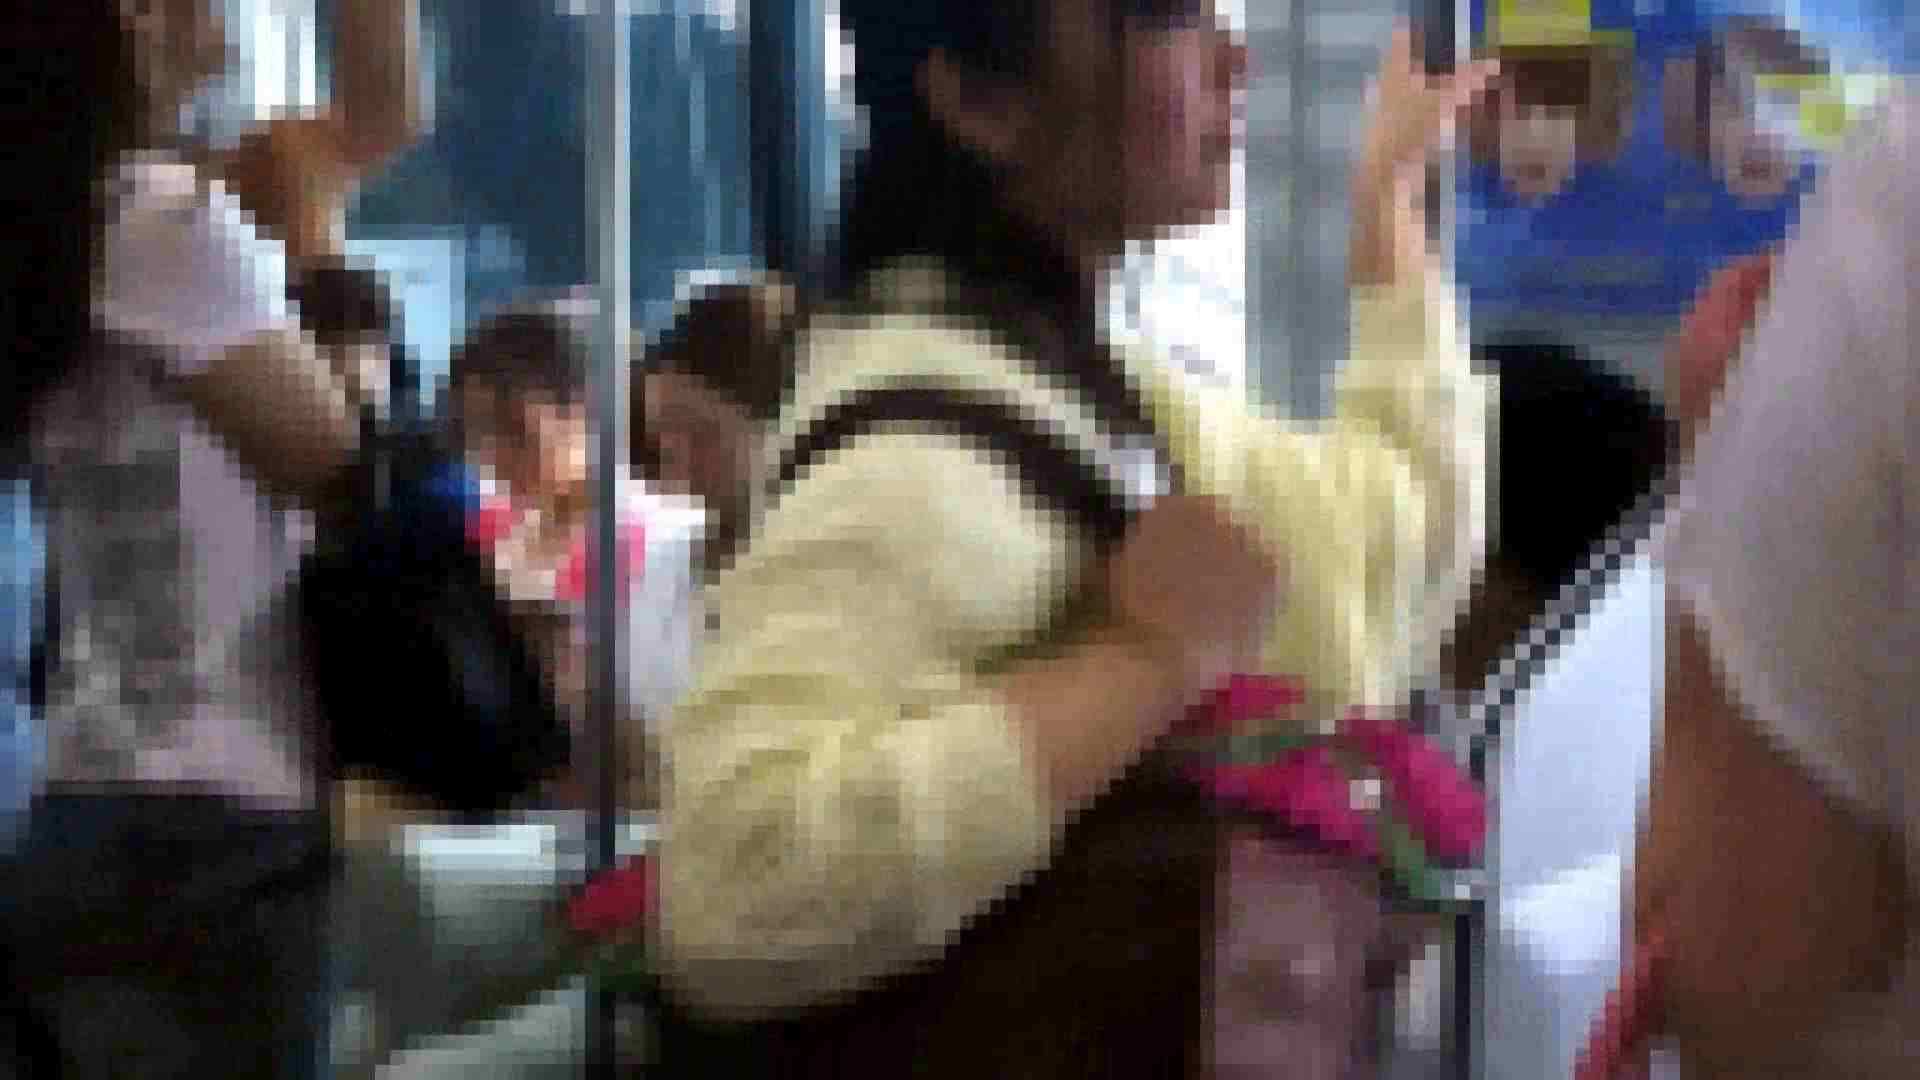 ガールズパンチラストリートビューVol.041 新入生パンチラ すけべAV動画紹介 97pic 47